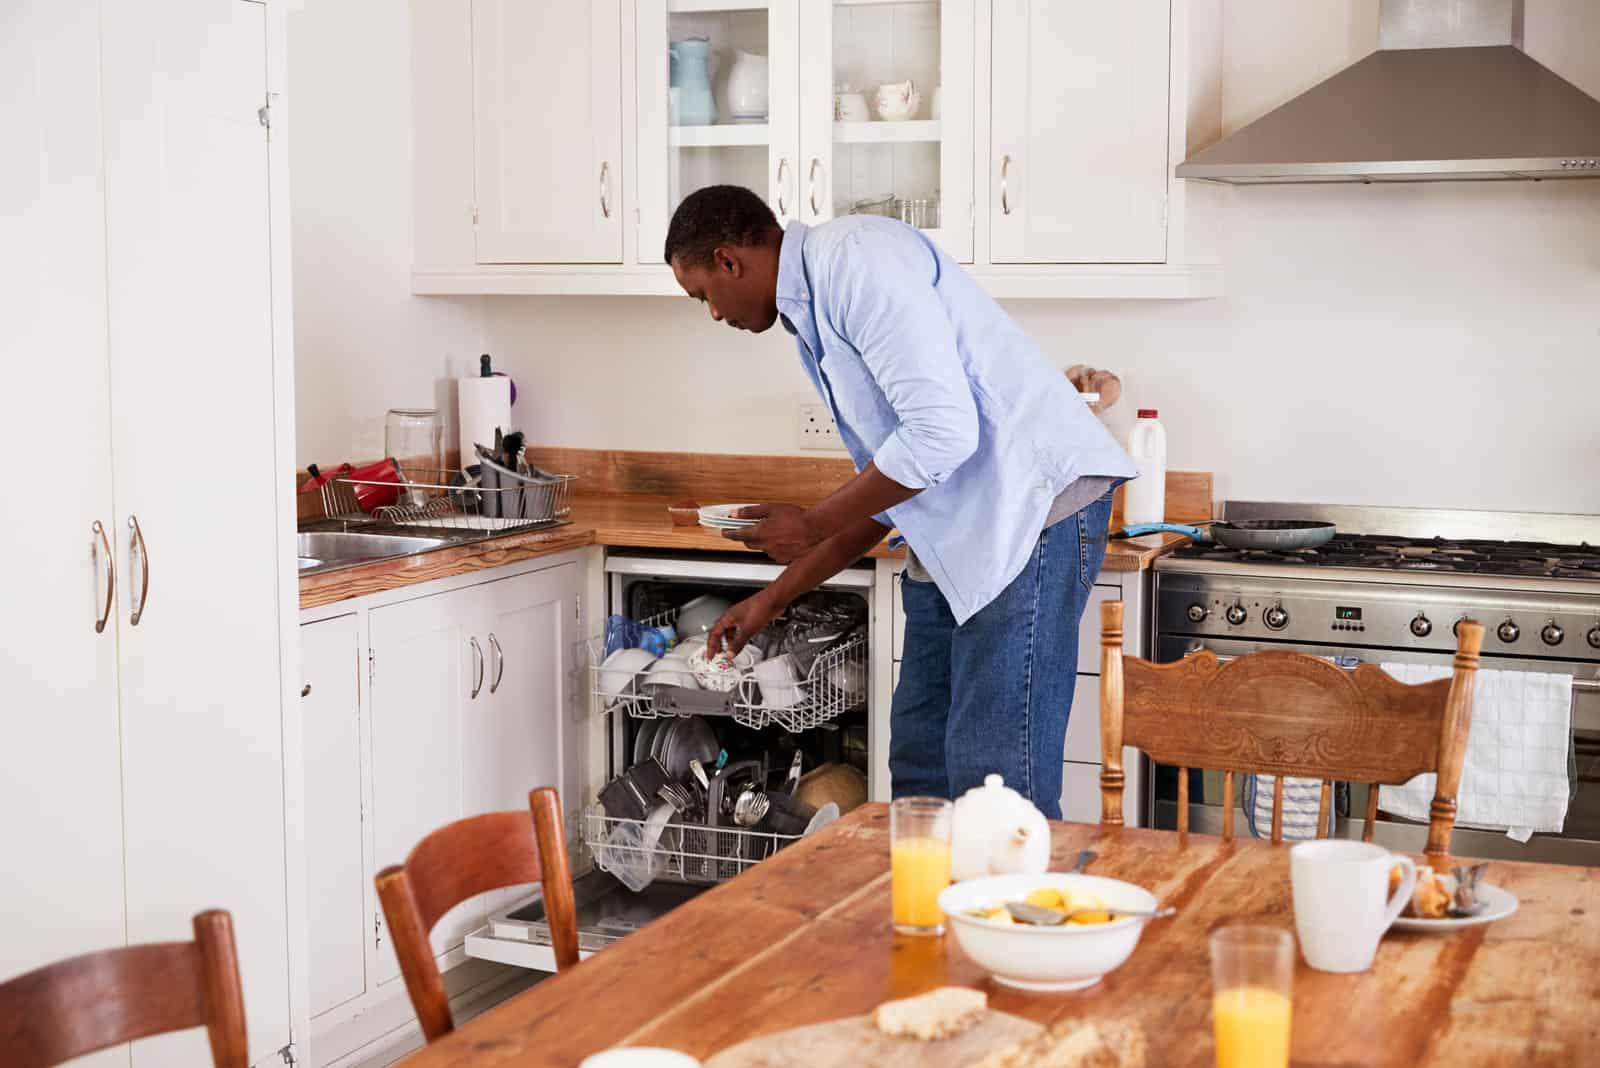 Mann, der Frühstückstisch löscht und Geschirrspüler lädt